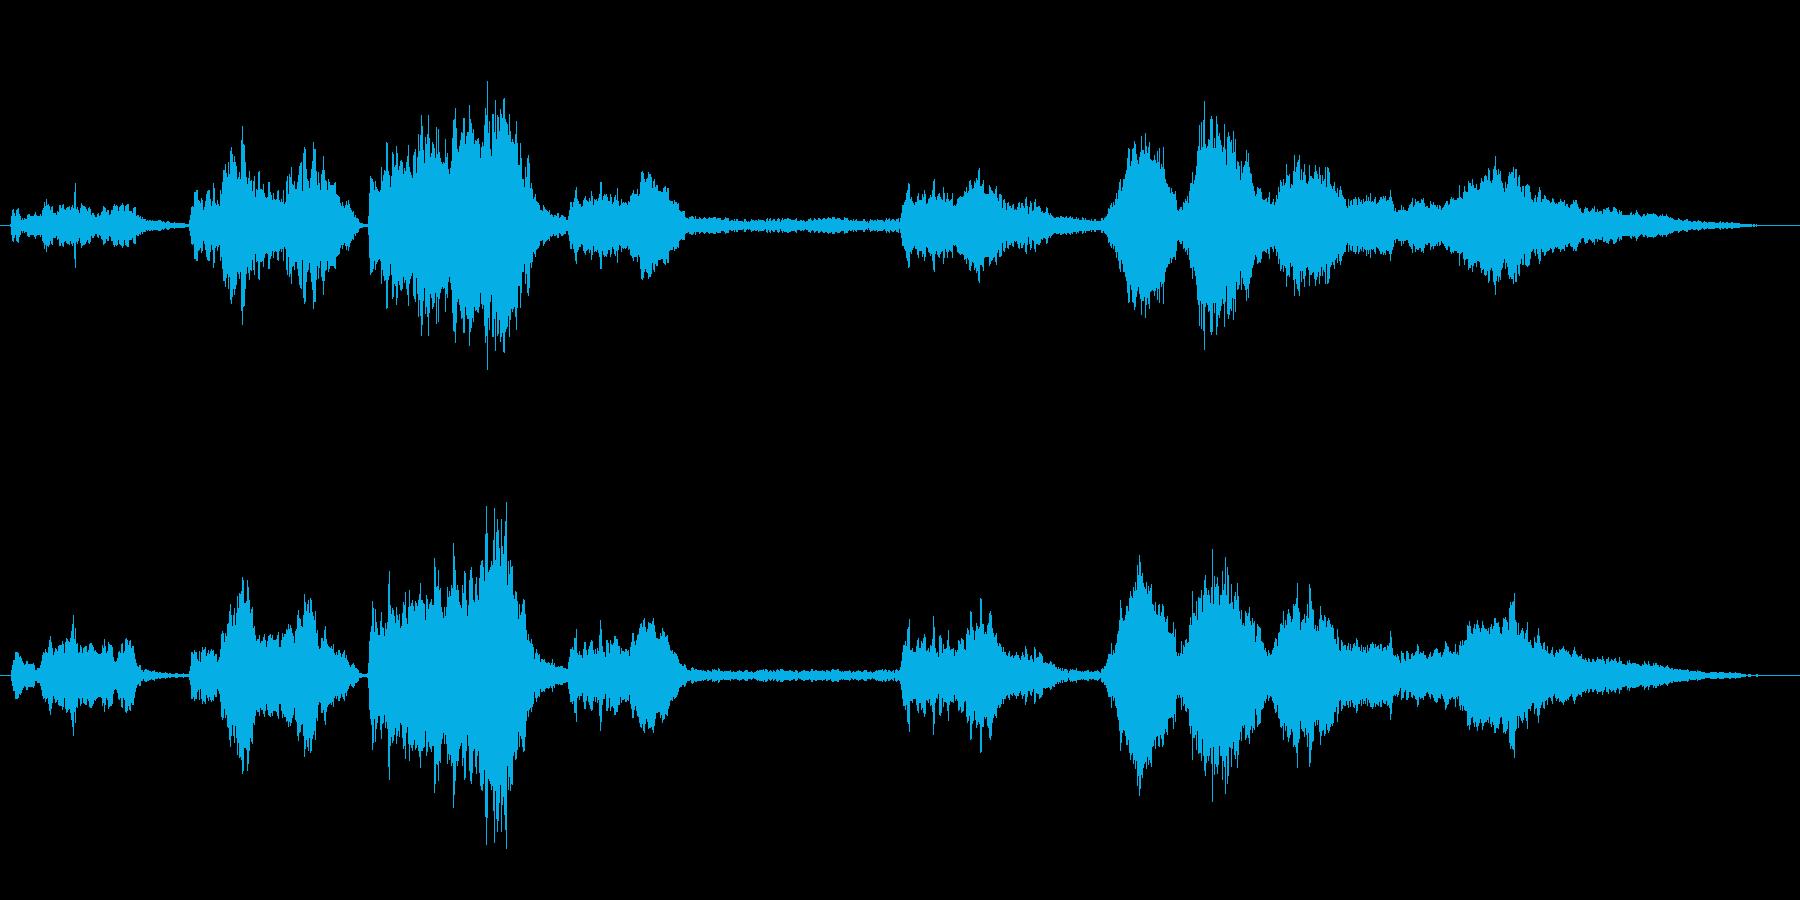 切なくてダークな映画音楽風BGMの再生済みの波形